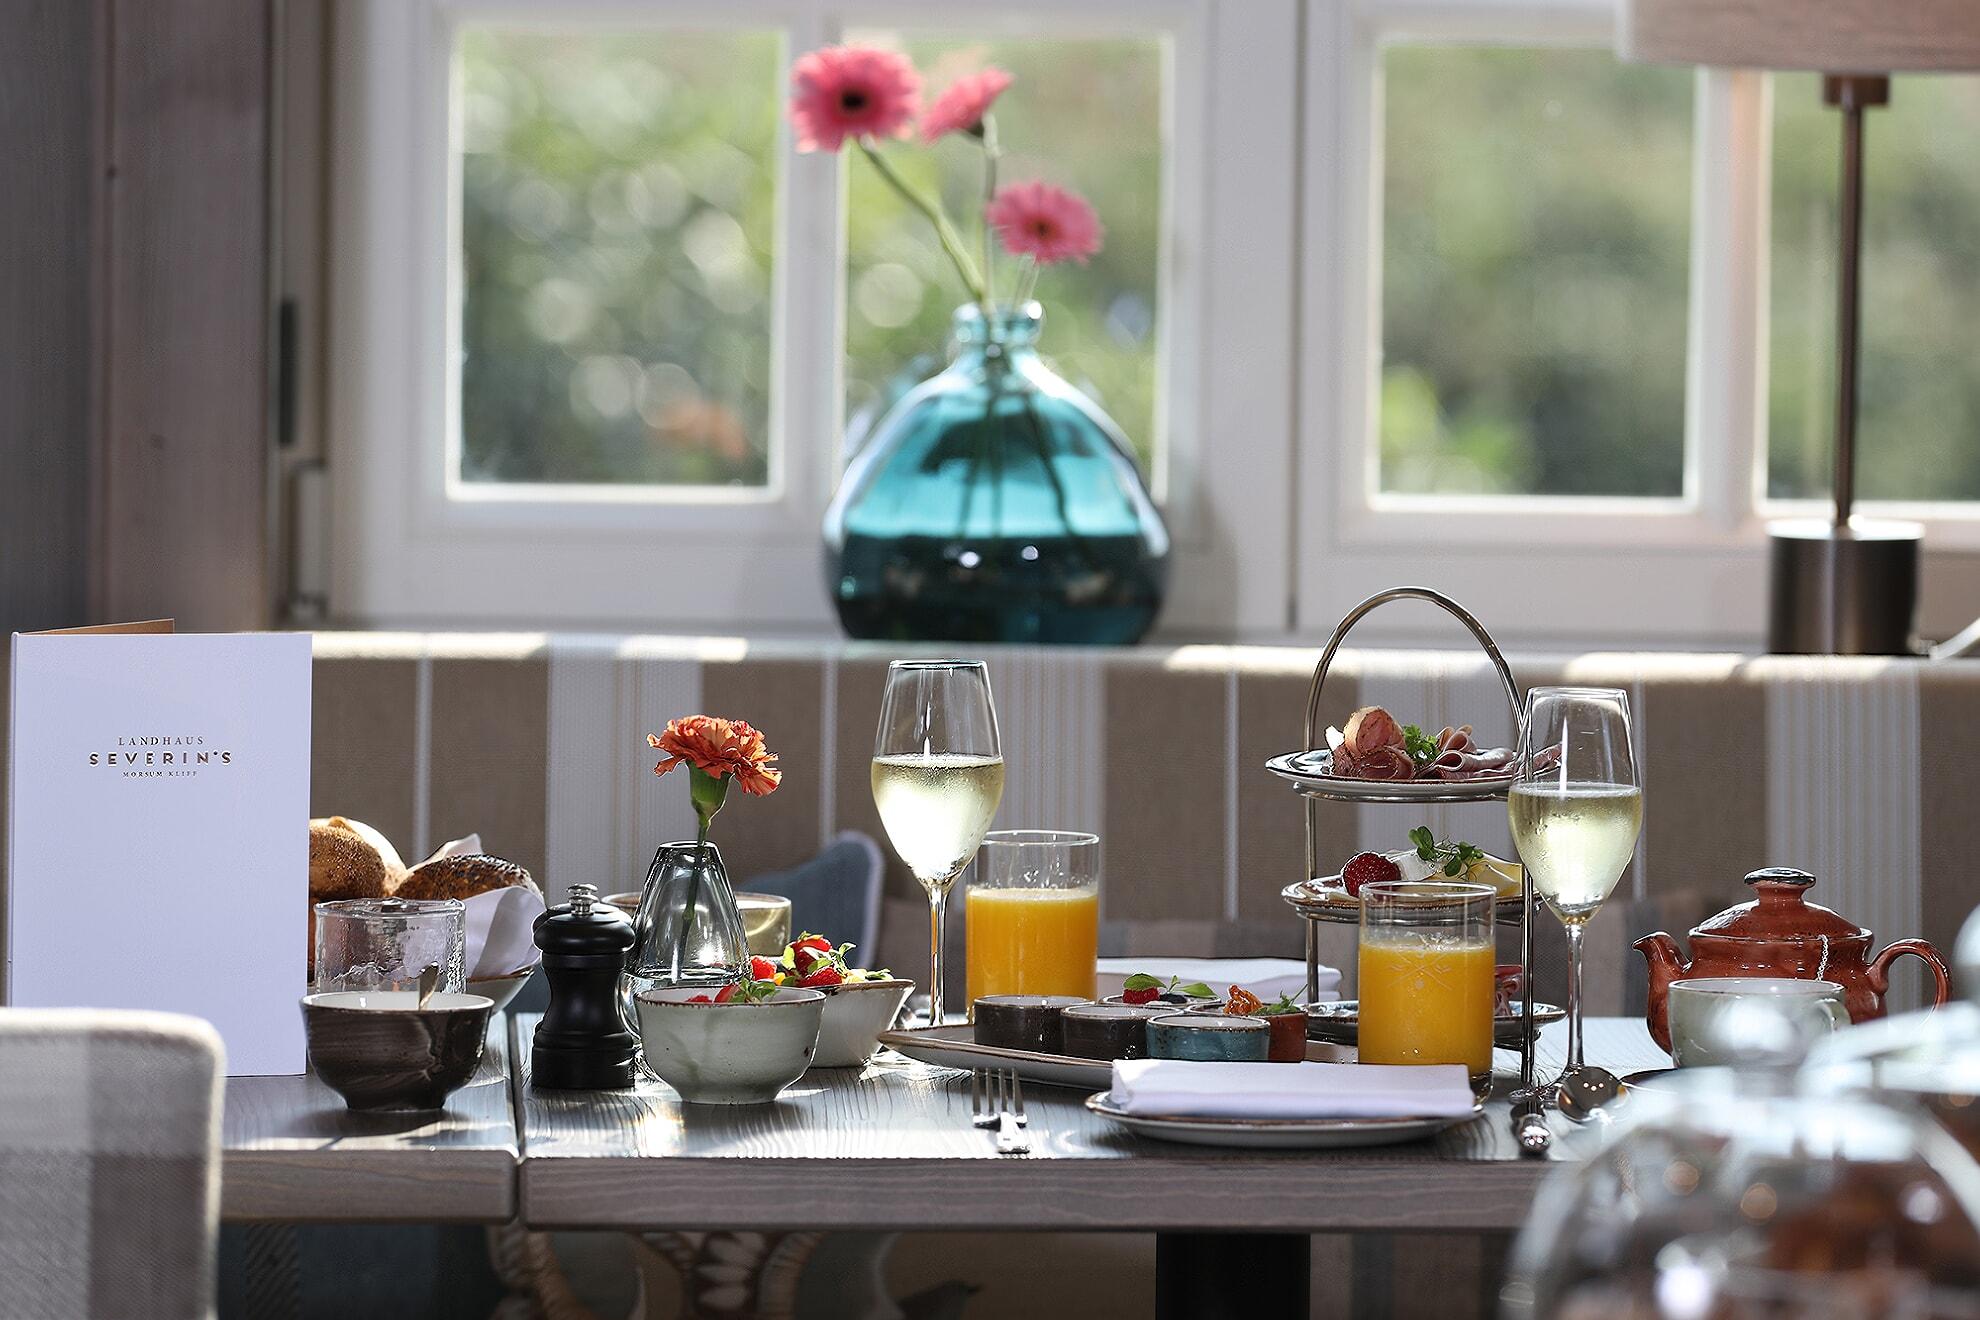 Frühstück im Landhaus Severin*s